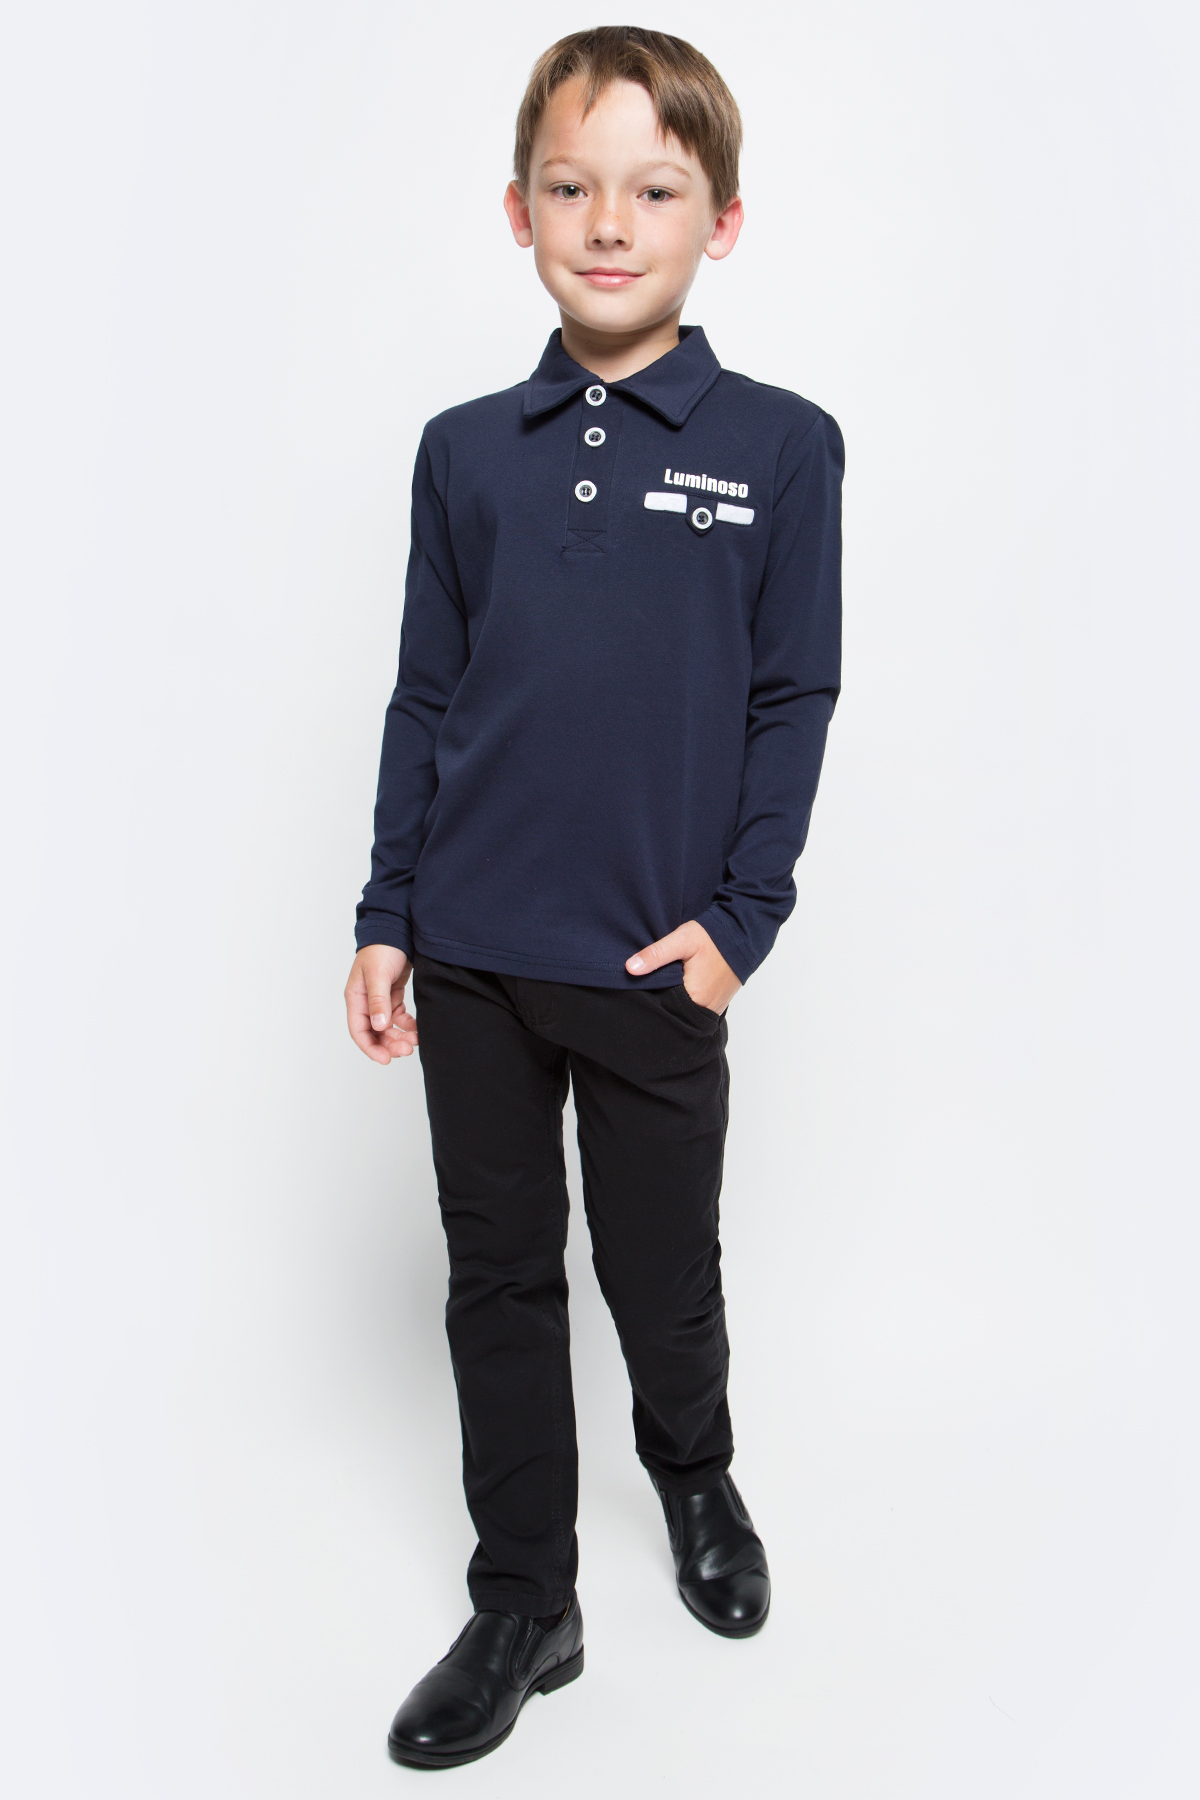 Джемпер для мальчика Luminoso, цвет: темно-синий, серый меланж. 727039. Размер 158727039Джемпер для мальчика Luminoso выполнен из хлопка с добавлением эластана. Модель имеет длинные рукава и отложной воротник с планкой на пуговицах. На груди джемпер имеет прорезной кармашек с хлястиком на пуговице.